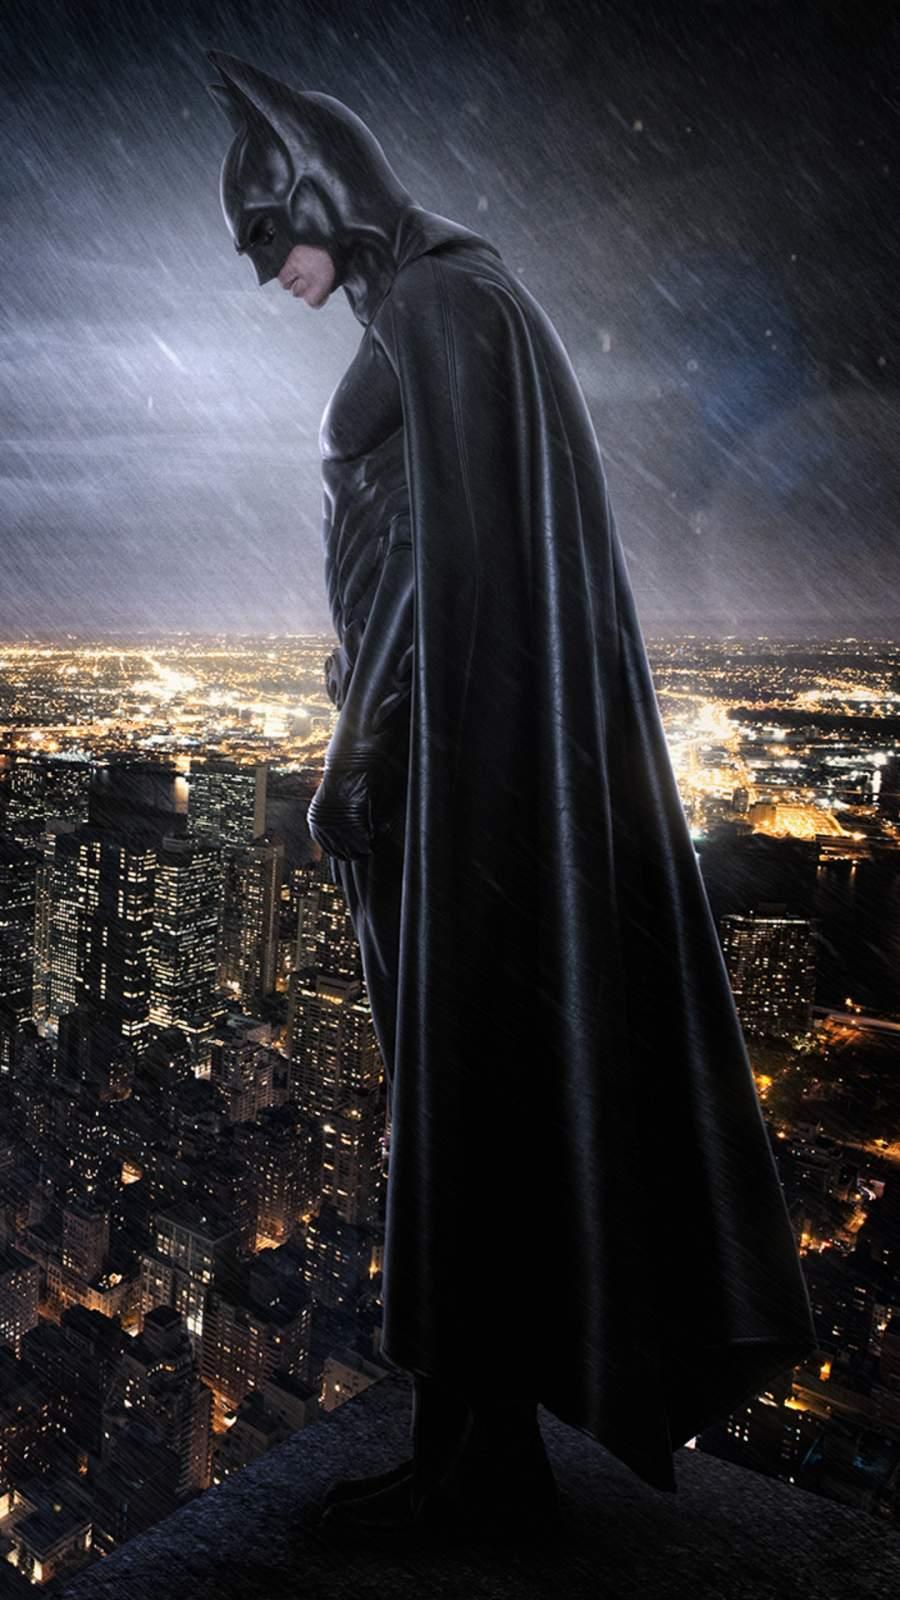 Batman City iPhone Wallpaper